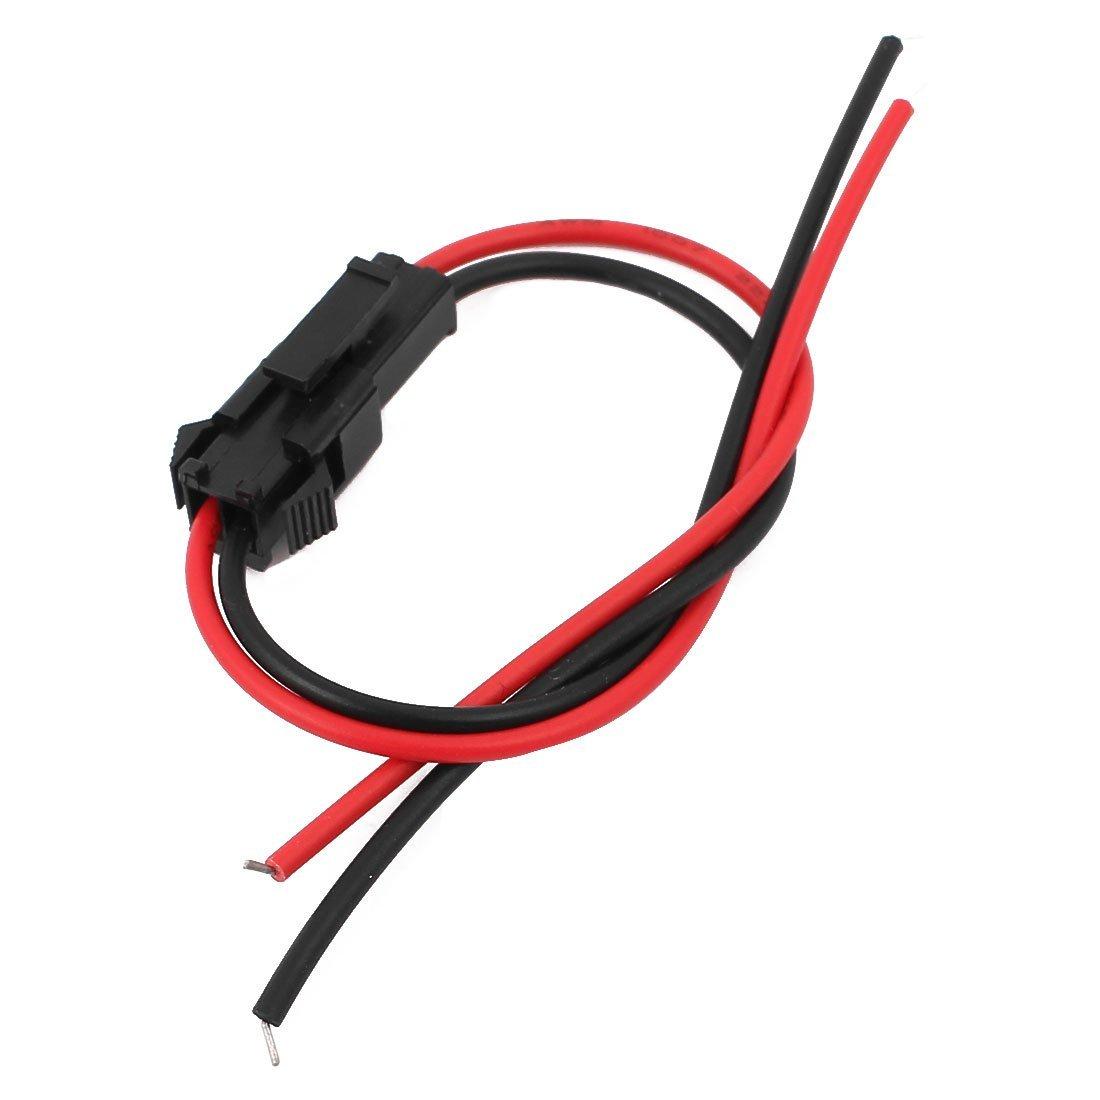 Amazon.com : eDealMax 20 Pares 10 cm de Largo RC Modelo de Cable SM2P Macho a hembra Empalme : Baby